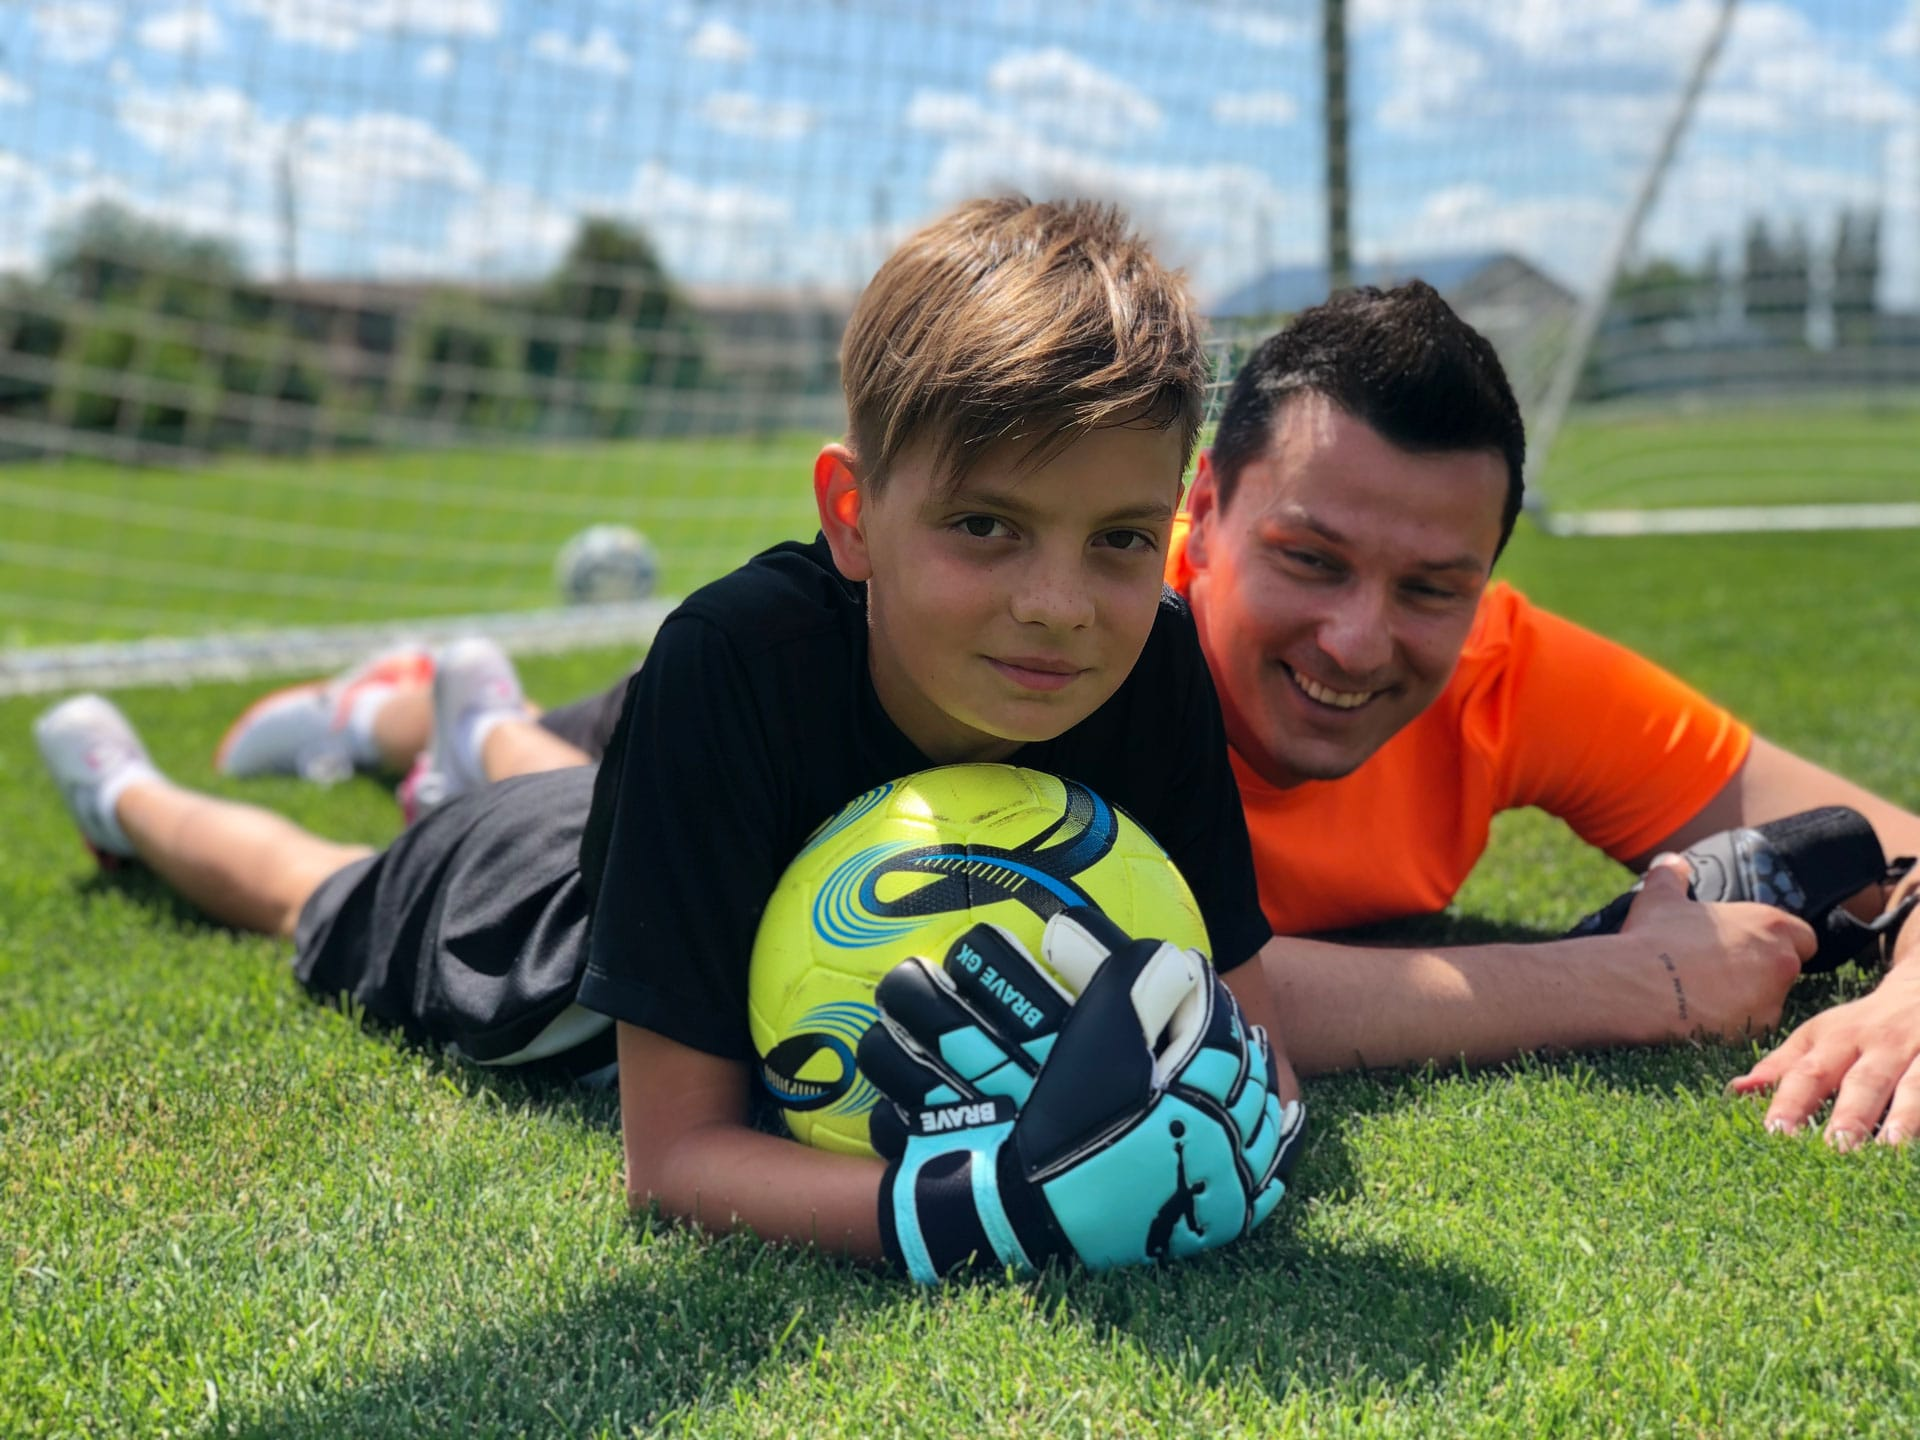 Дитячі воротарські рукавиці Brave GK Winner-інтернет-магазин Brave GK